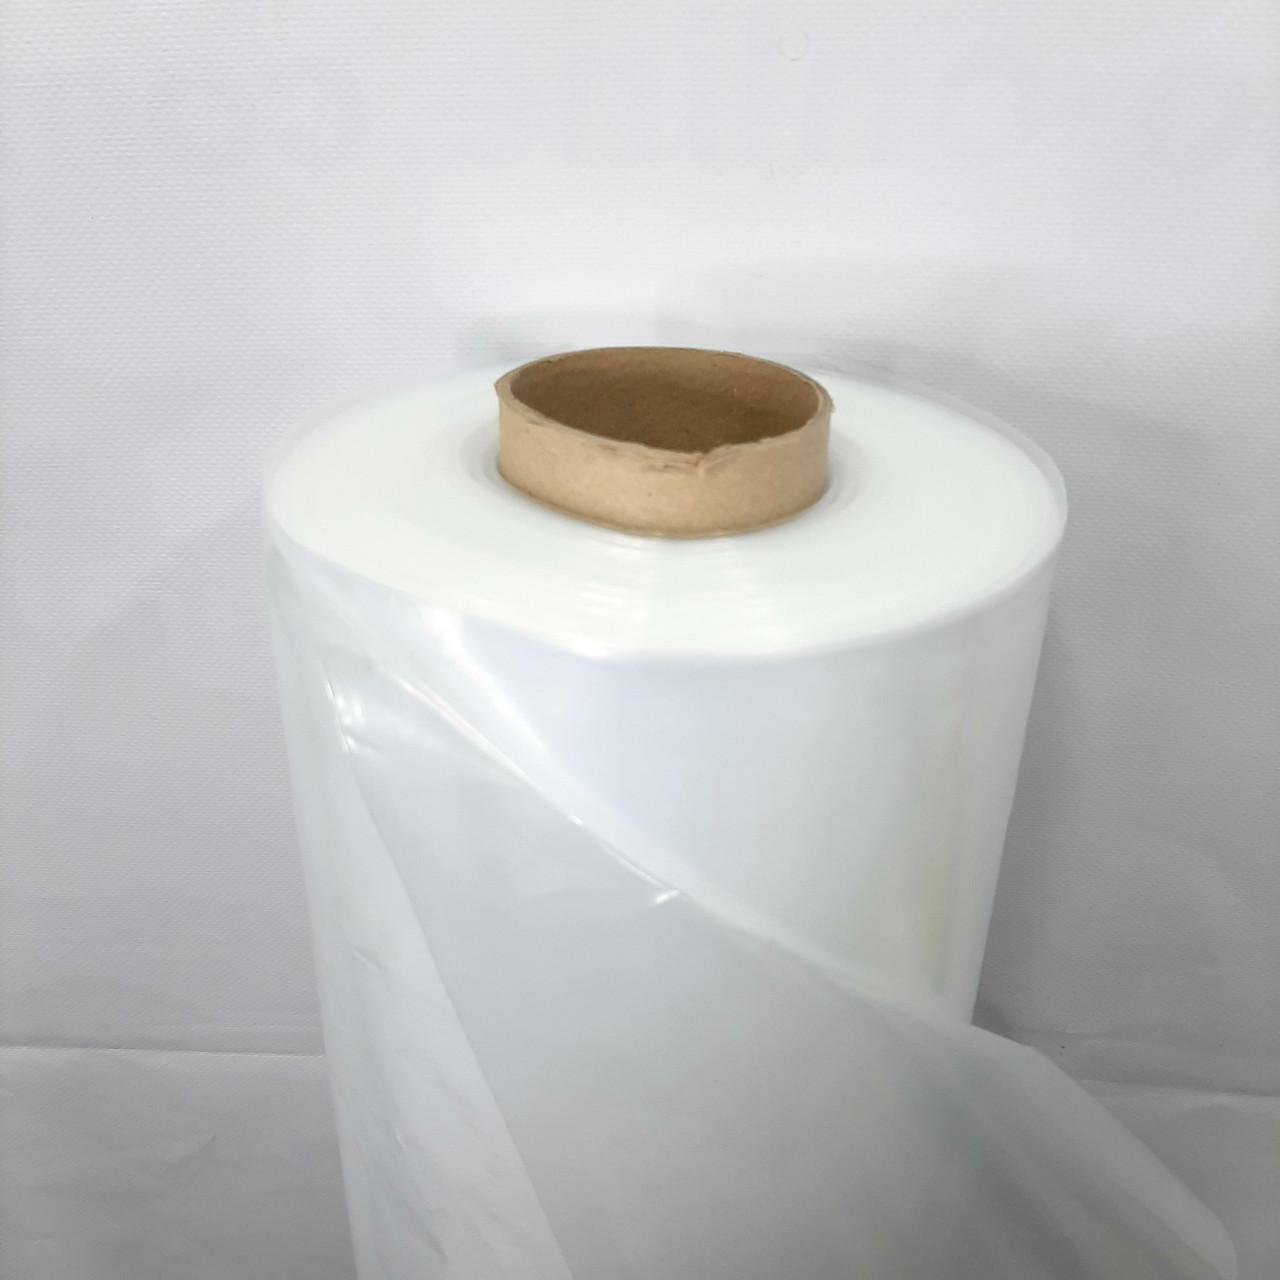 Пленка белая, 90мкм, 3м/100м. Прозрачная (парниковая, полиэтиленовая).